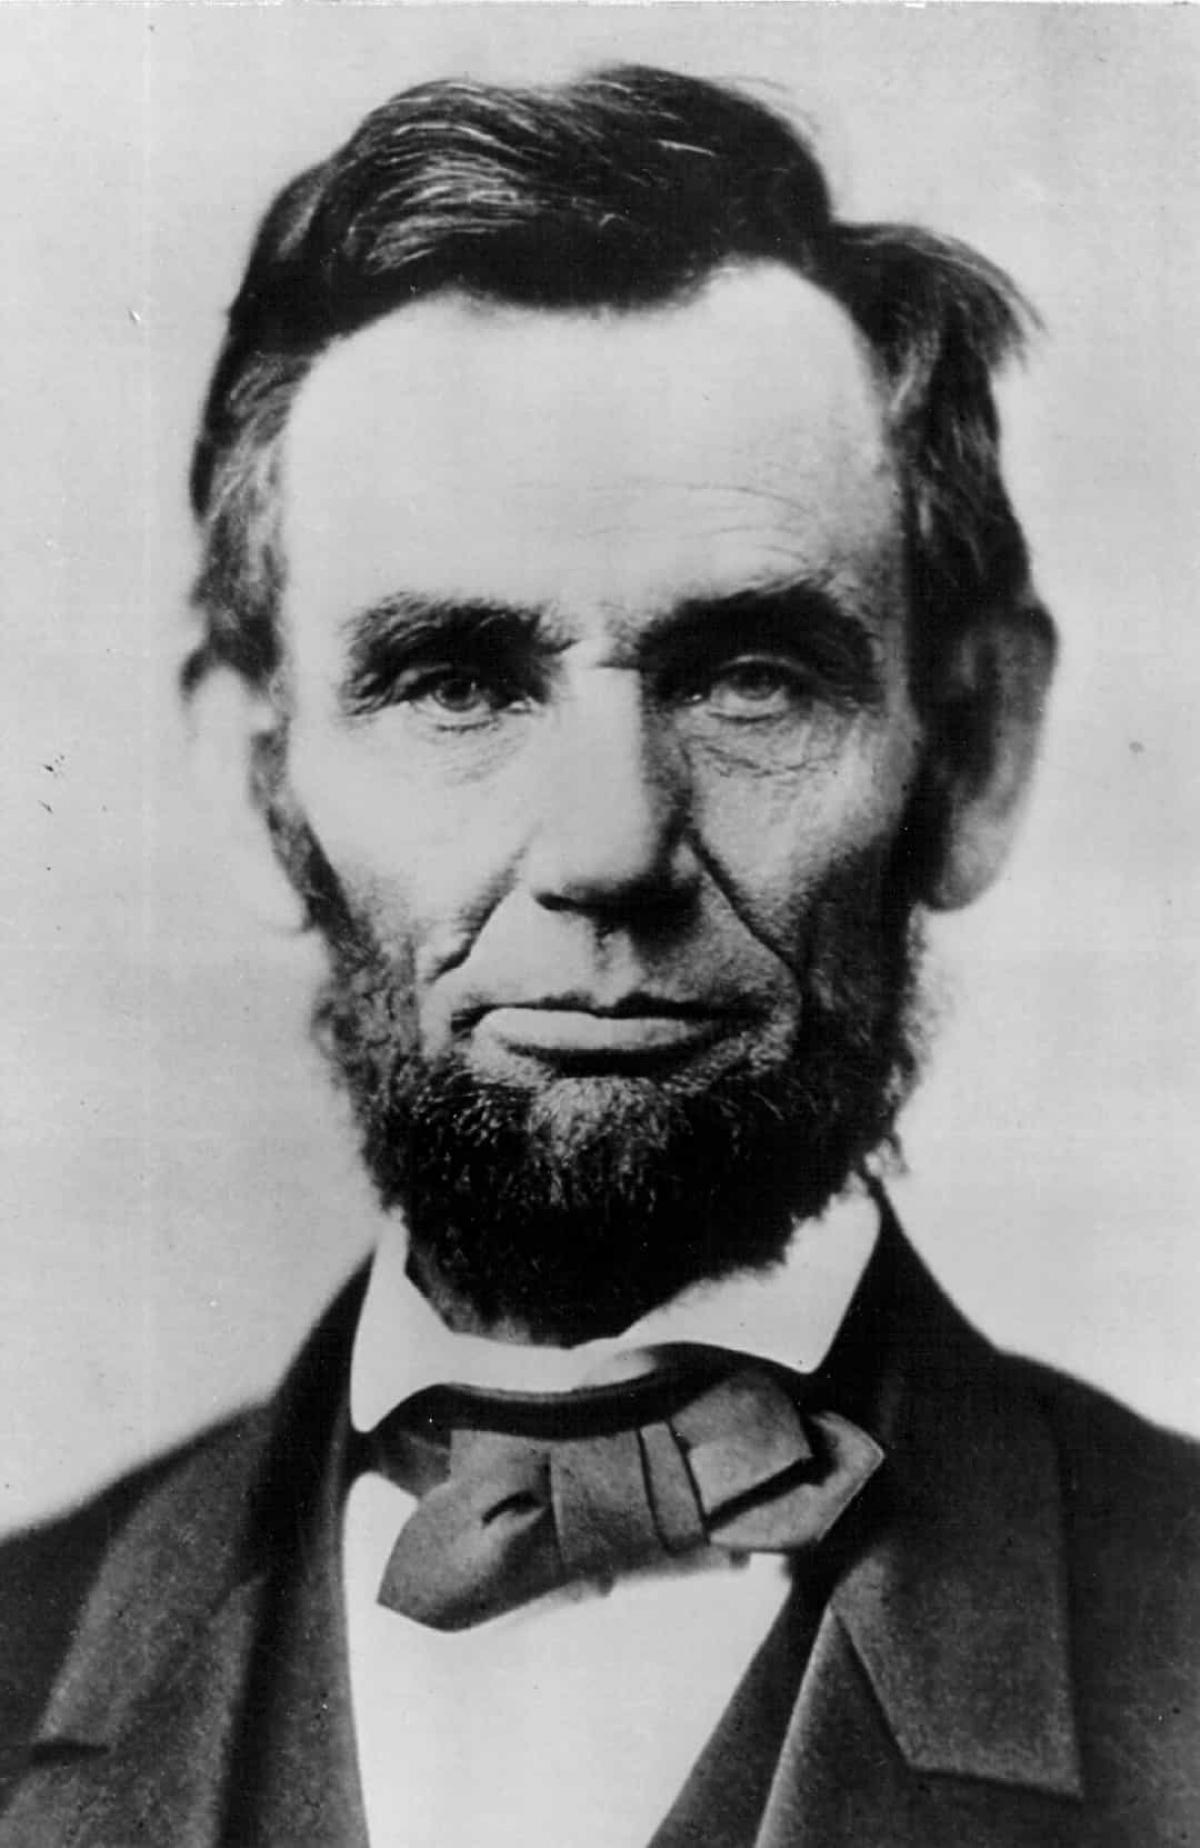 Vụ ám sát Tổng thống Abraham Lincoln (ngày 14/4/1865).John Wilkes Booth, mộtdiễn viênngười Mỹ tại Maryland, là ngườiđãám sátTổng thống Abraham Lincolntại Ford's Theatre, Washington DC vàongày 14/4/1865. Ông Lincolnmất ngày hôm sau vì vết đạn duy nhất bịbắn vào đầu.